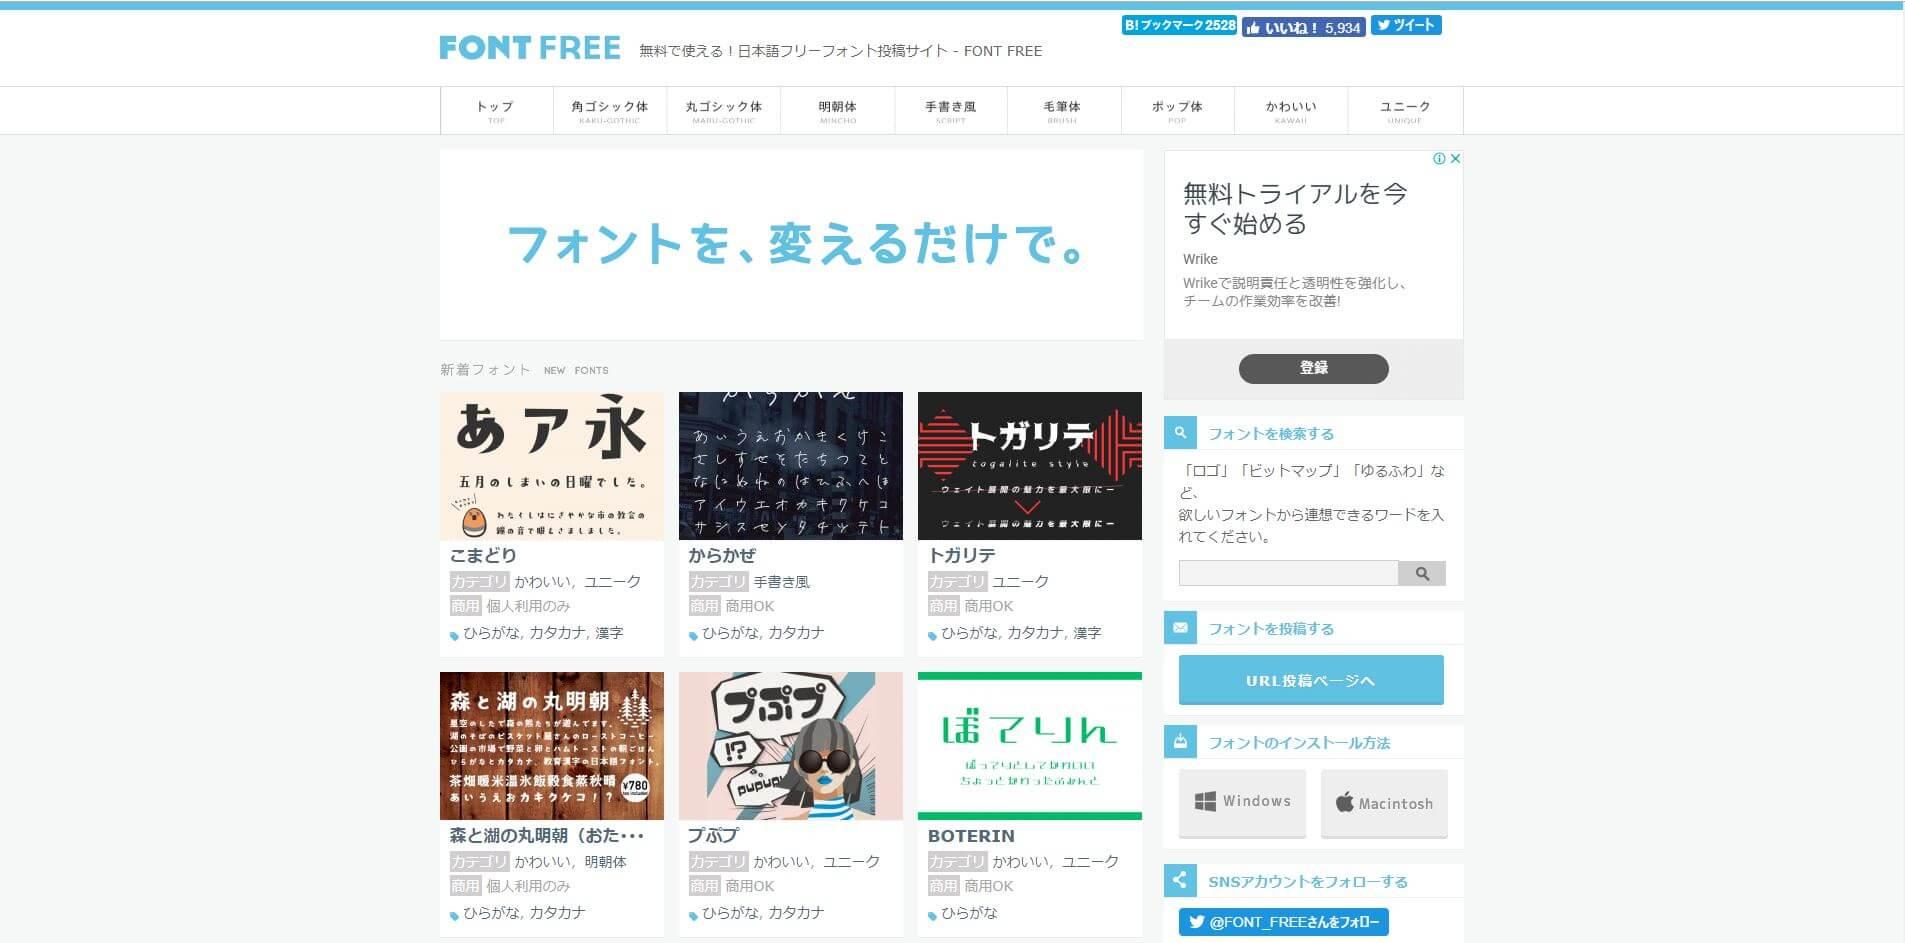 FONT FREEのトップページ